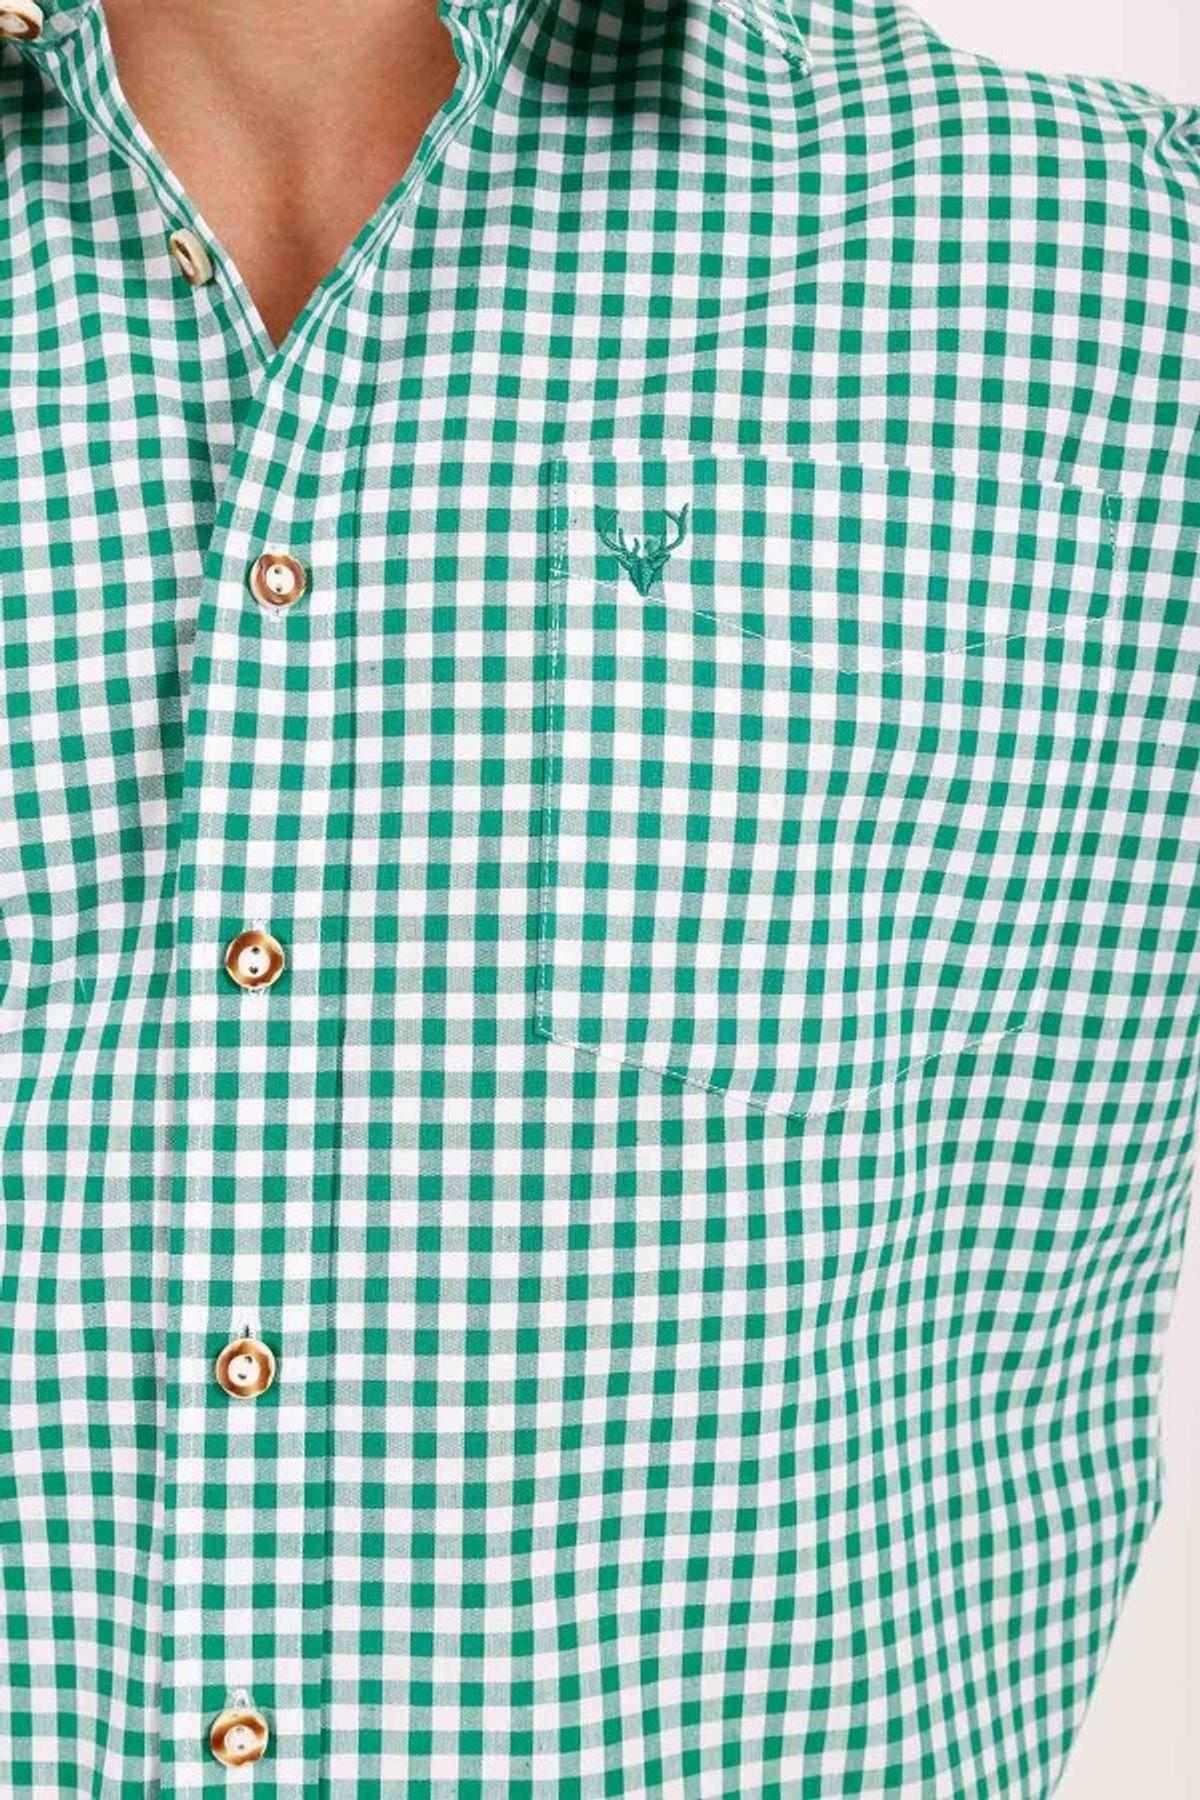 Krüger - Herren Trachtenhemd in grün (951-105) – Bild 2